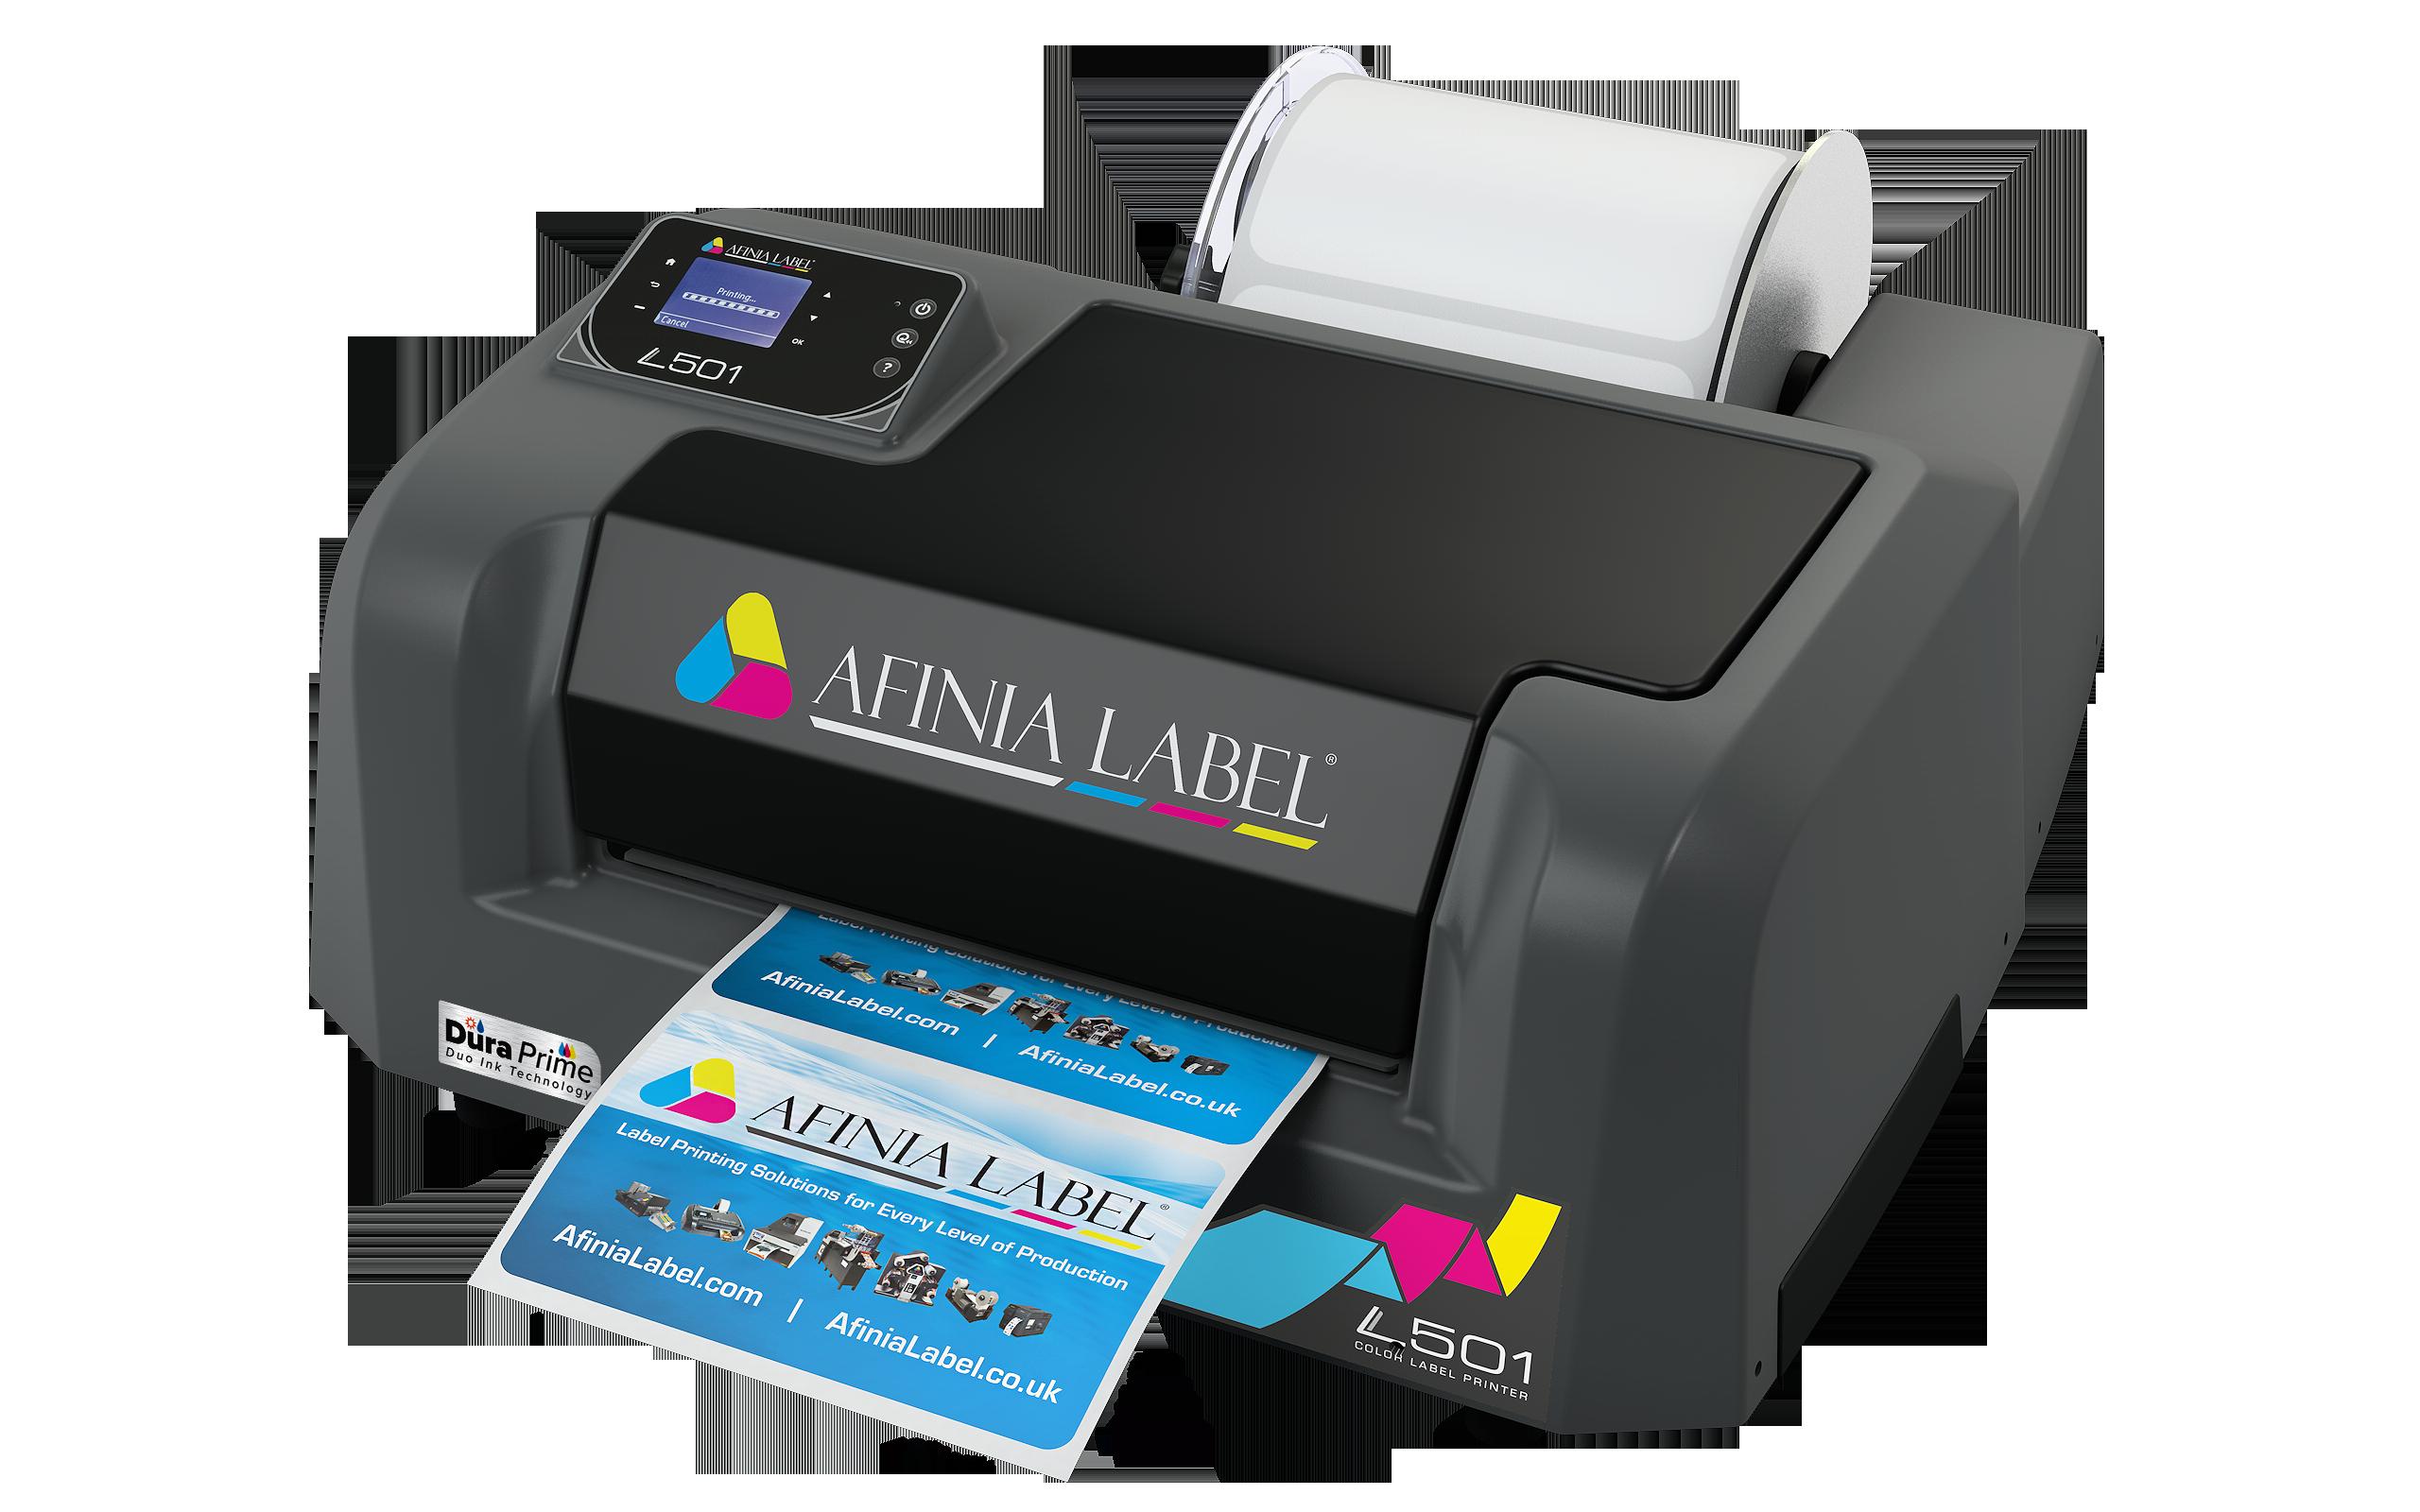 Afinia Label L501 Digital Color Desktop Label Printer